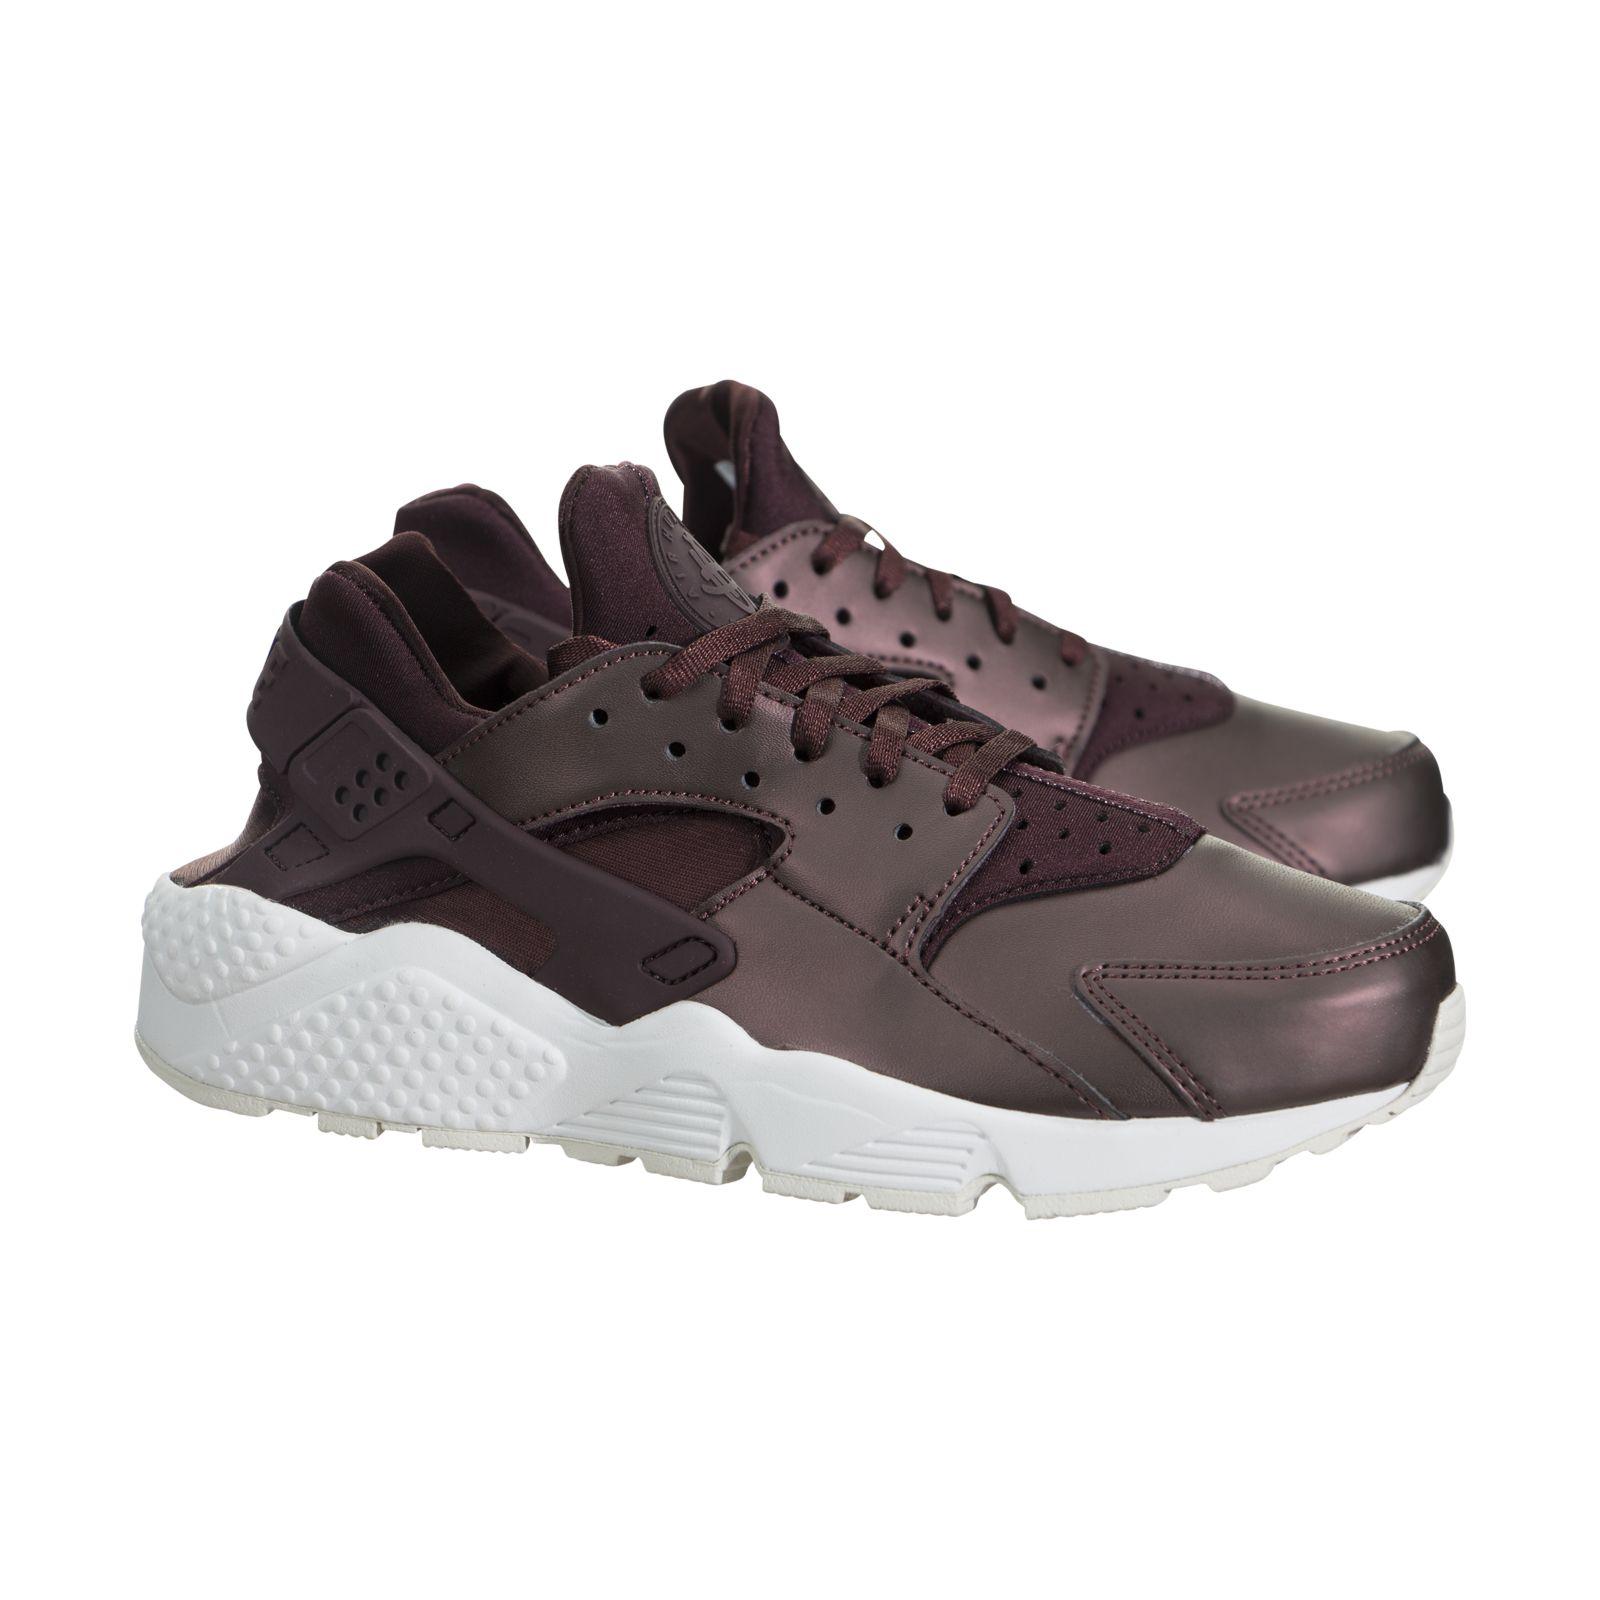 new style 025ab 5cf03 Nike-Women-039-s-Air-Huarache-Run-PRM-